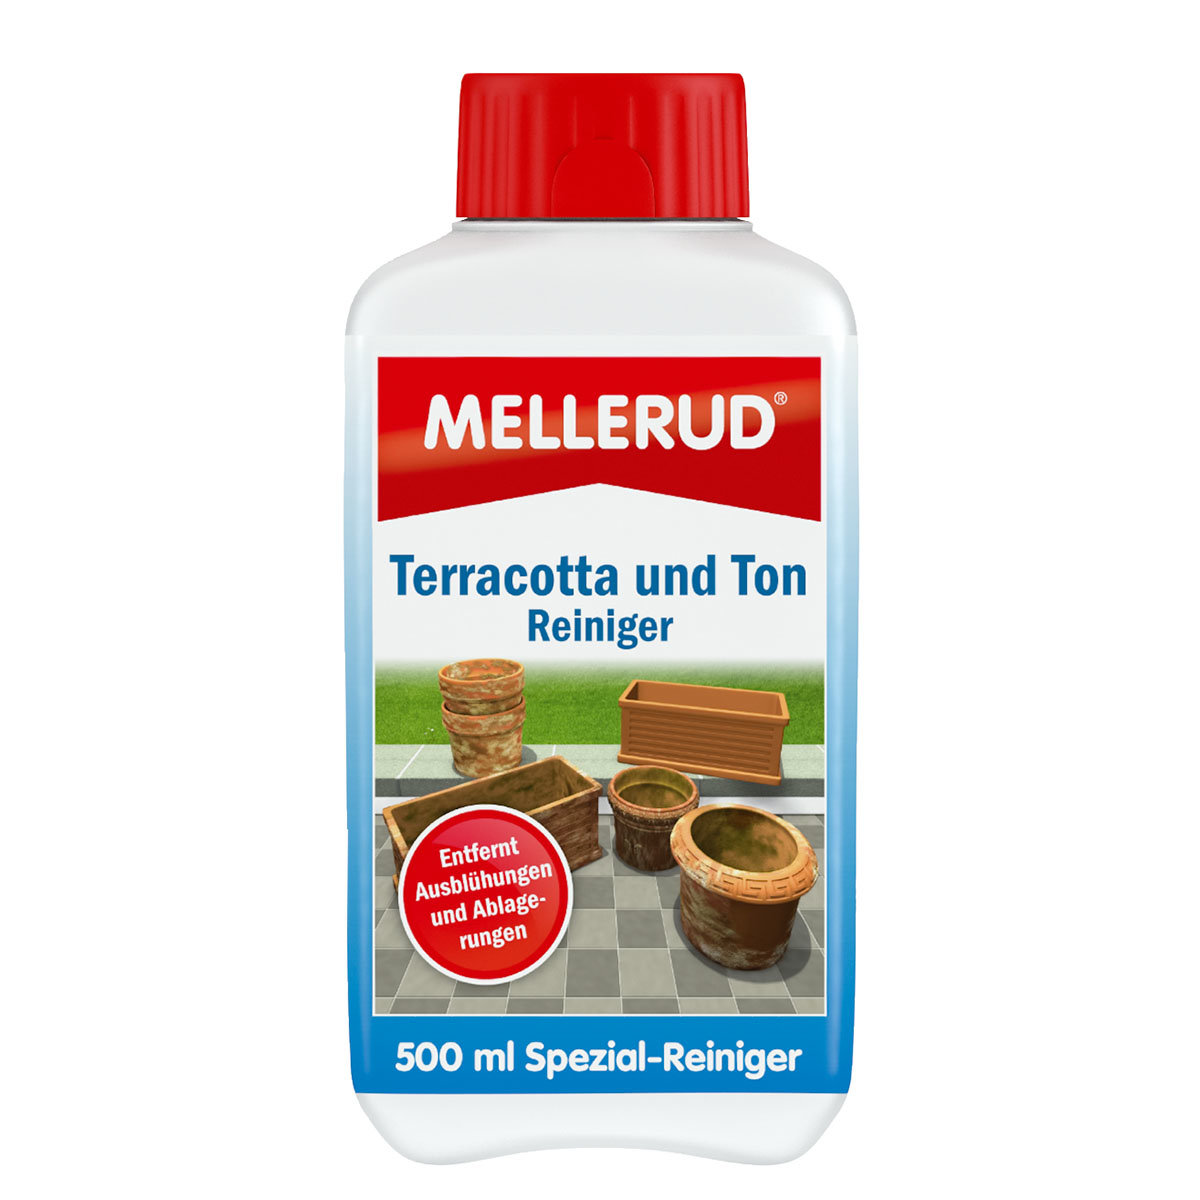 MELLERUD® Terracotta und Ton Reiniger 0,5 l